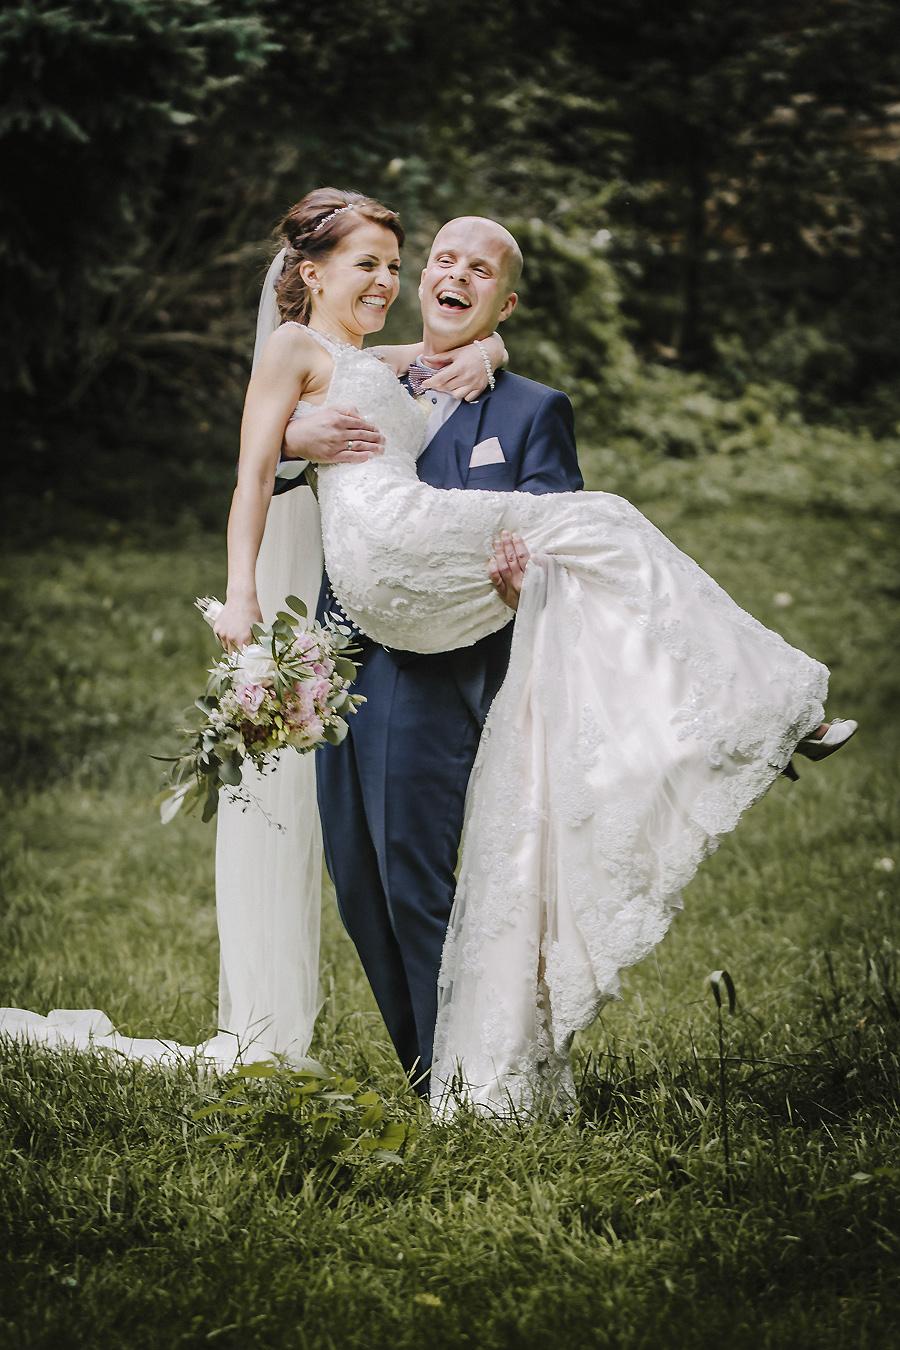 Fotograf für Brautpaarfotos